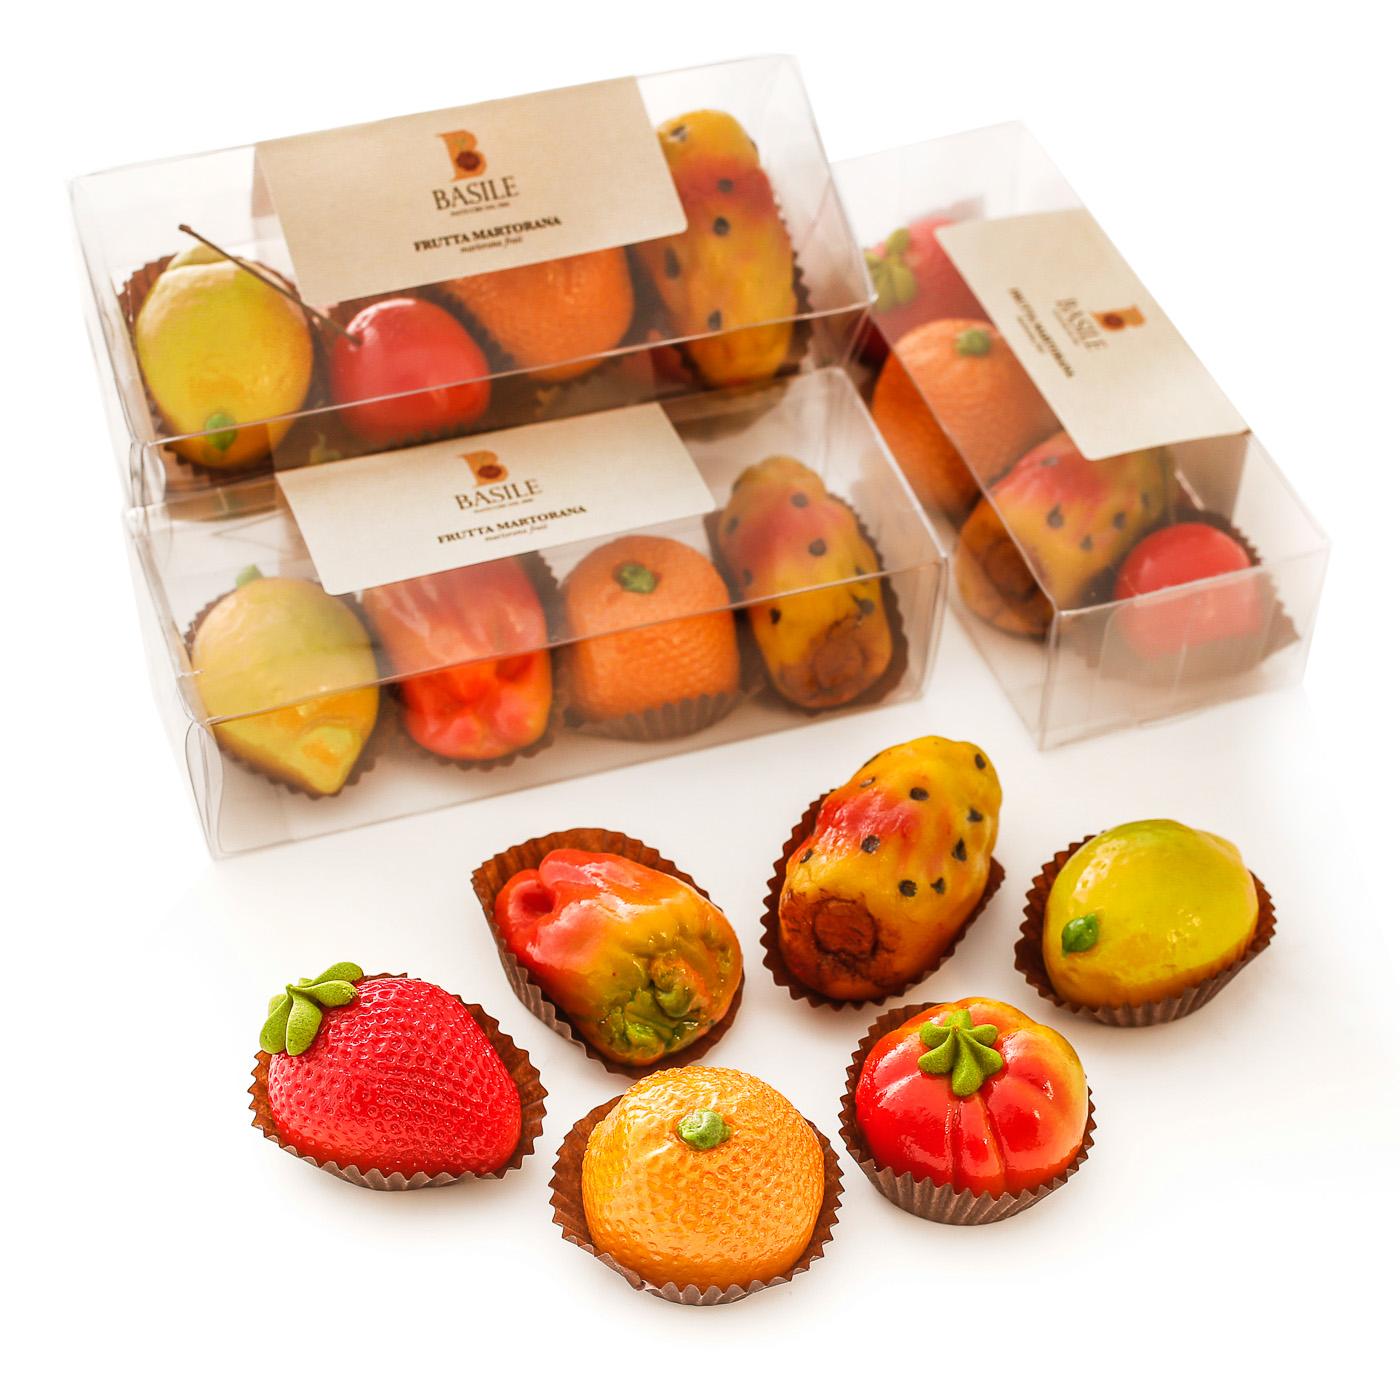 Frutta martorana marzapane dolci siciliani online for Frutta online